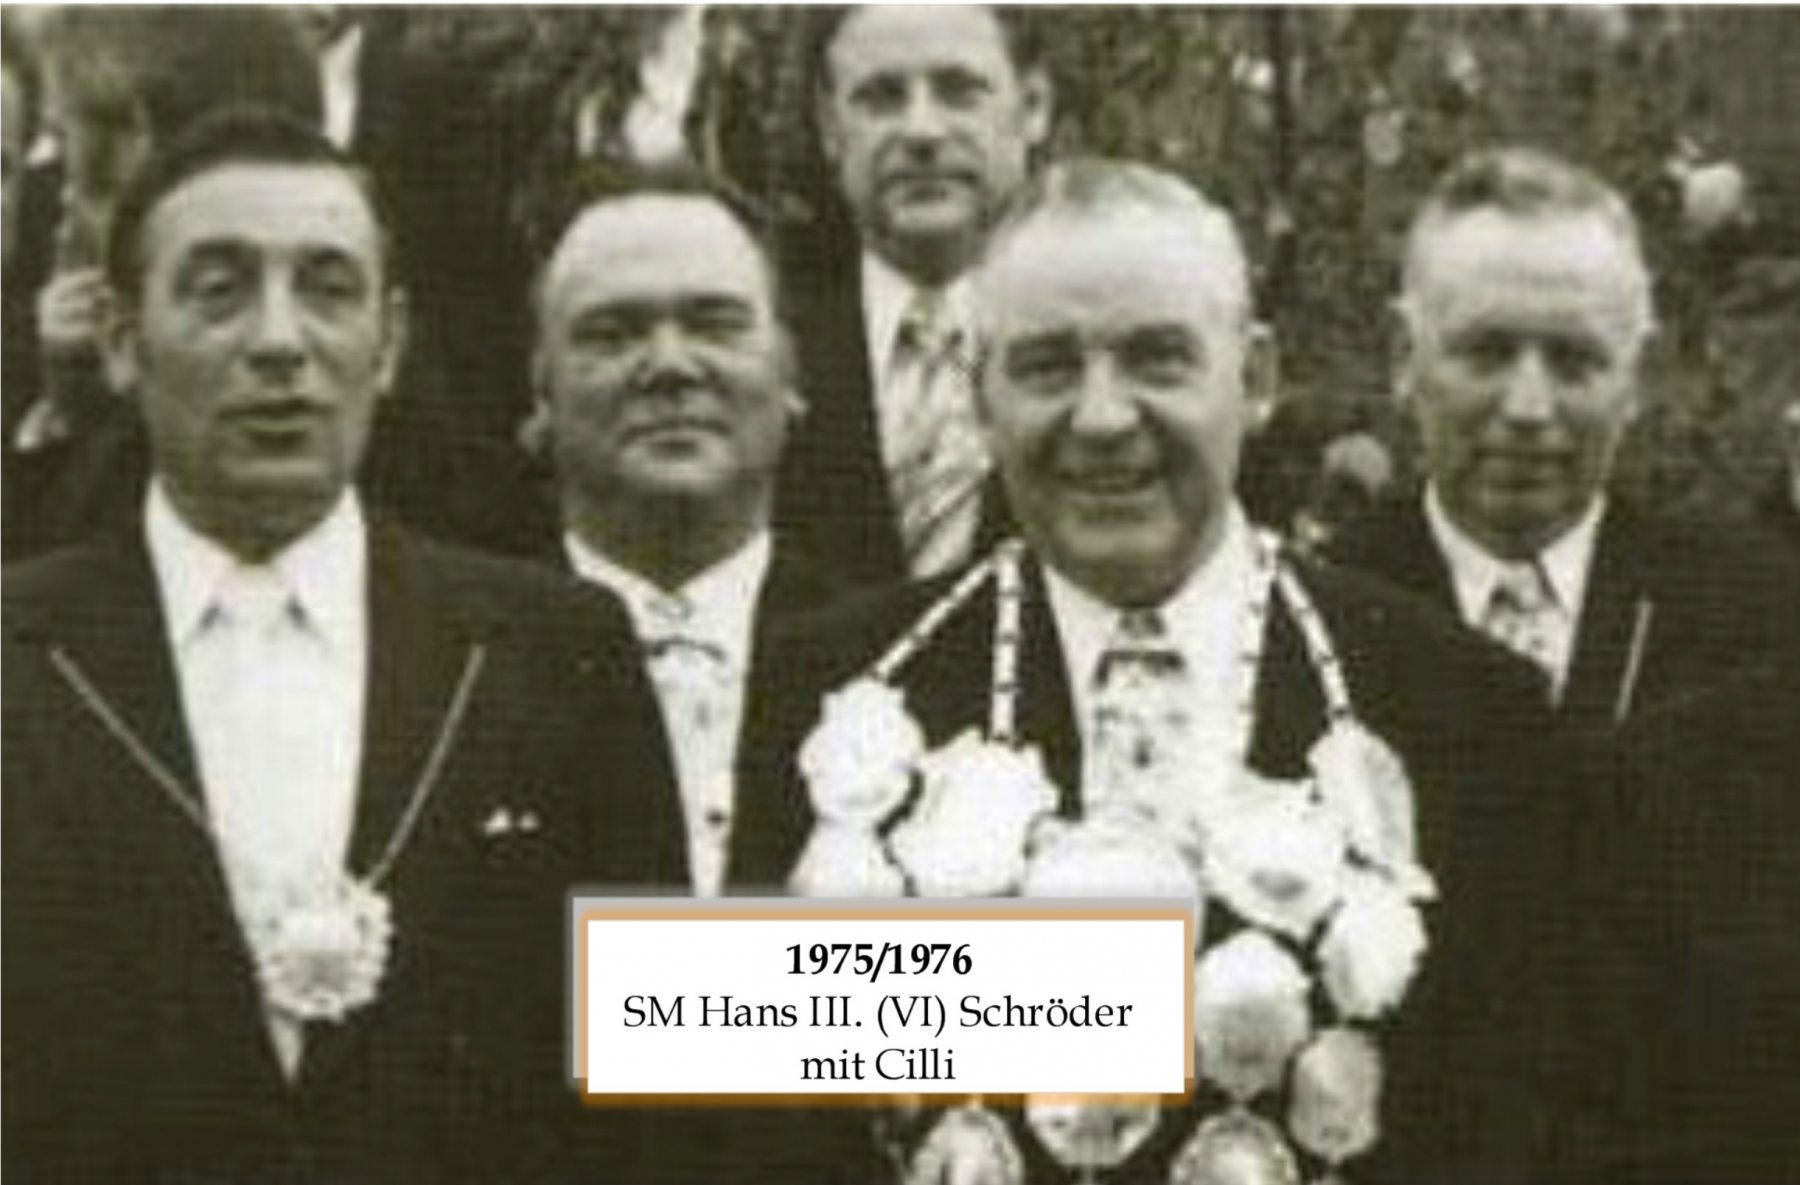 SM 1975/76 Hans VI Schröder mit Cilli